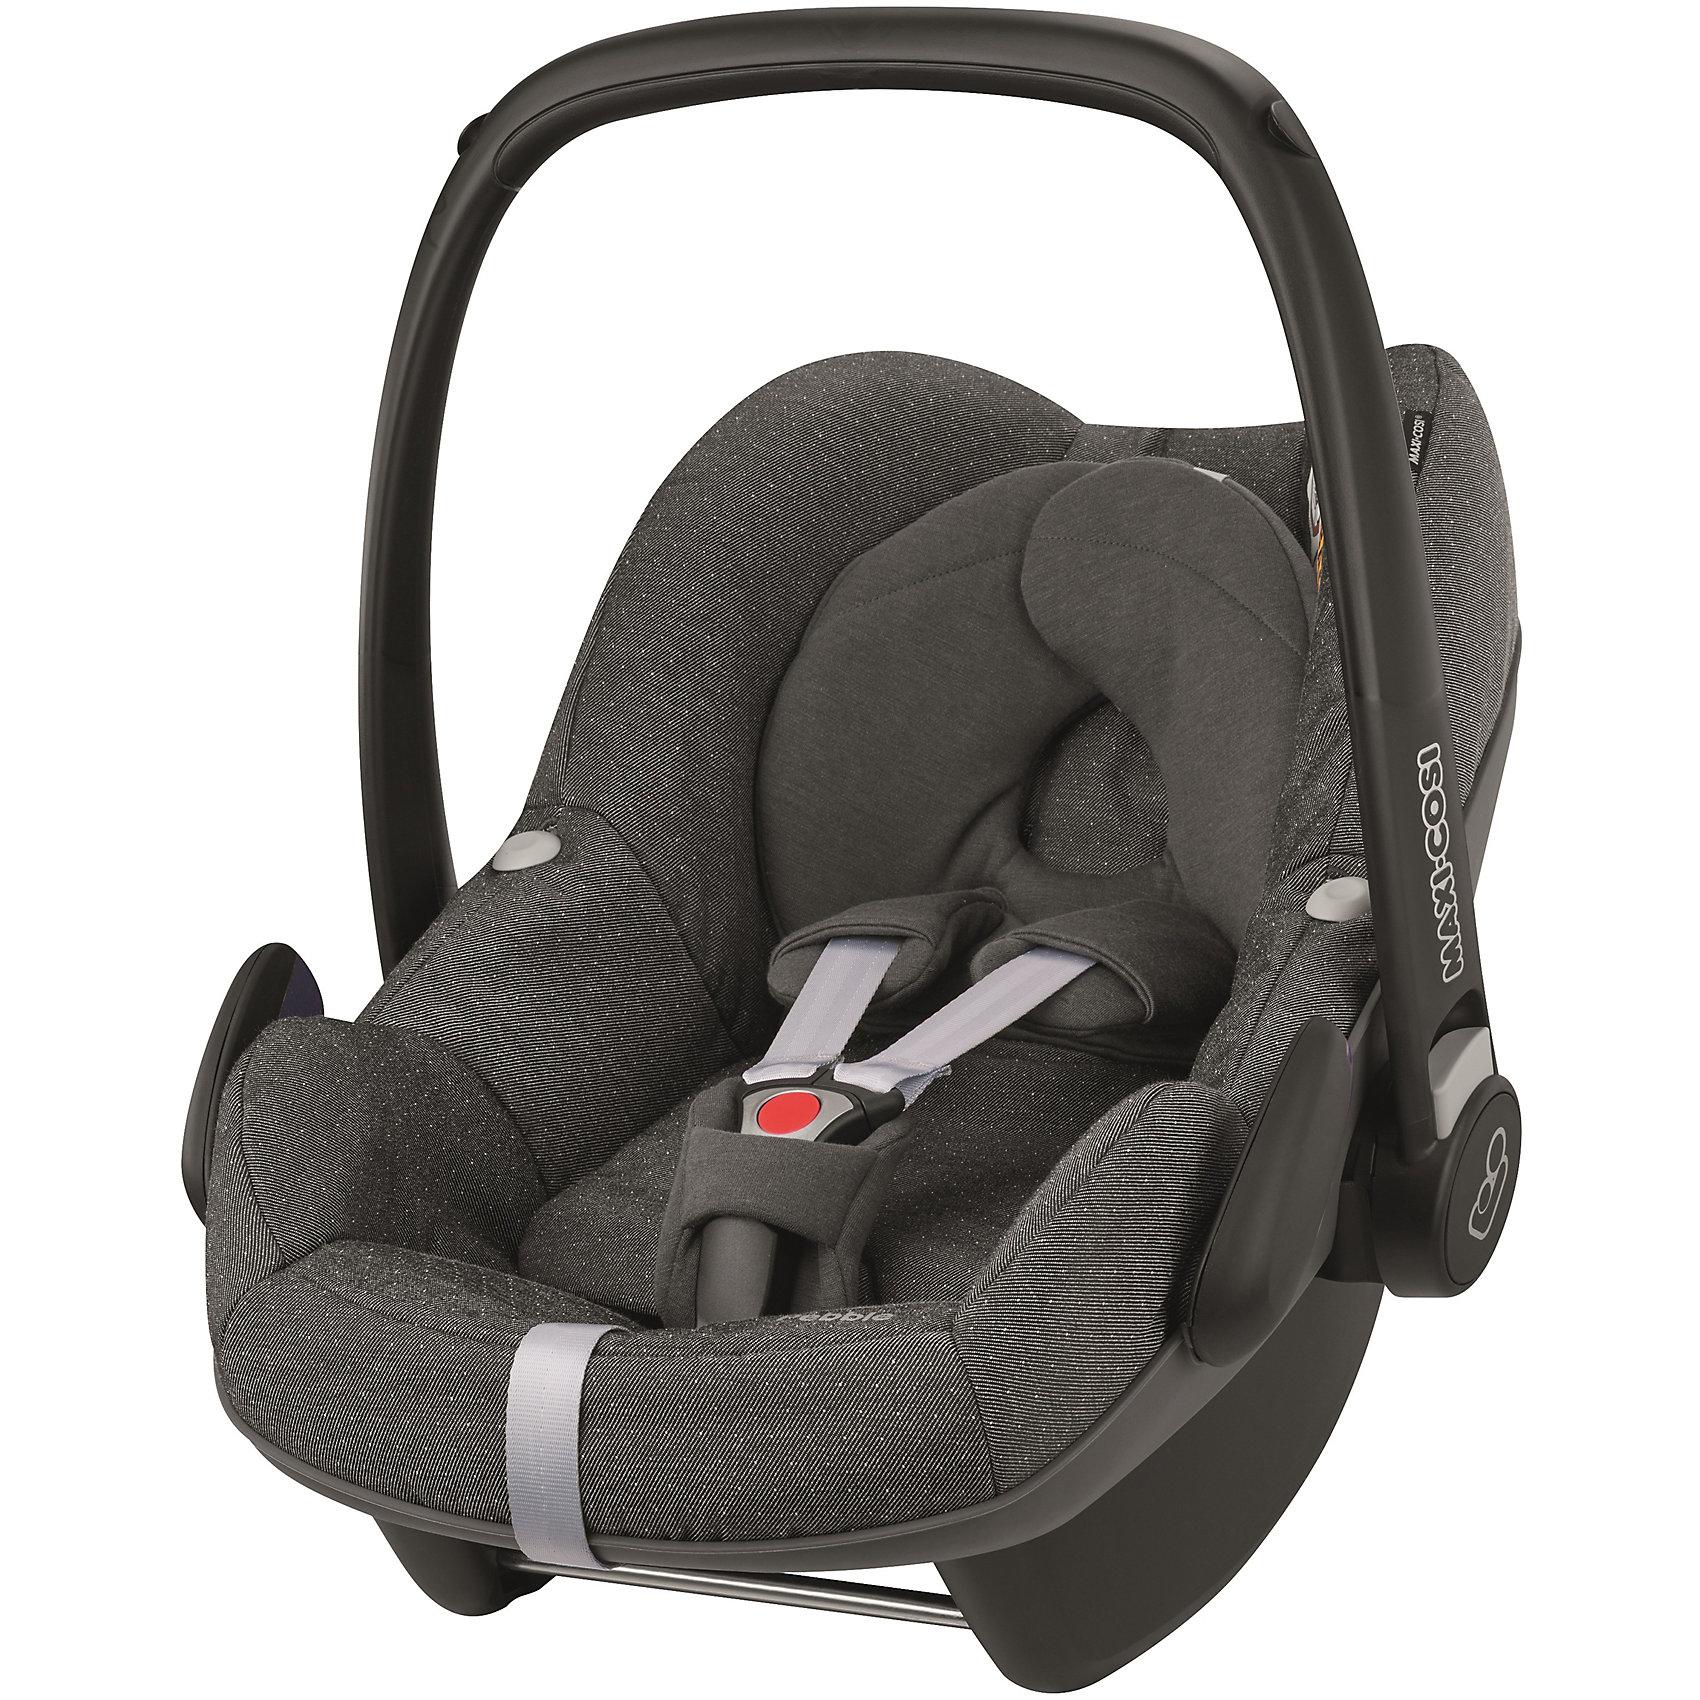 Автокресло Pebble 0-13 кг., Maxi-Cosi, Sparkling GreyПрекрасное кресло для самых маленьких деток! Автокресло прекрасно подойдет для малышей от 0 до 15 месяцев. Кресло крепиться штатными ремнями безопасности против хода движения, так же кресло имеет специальную ногу-опору, которая не дает ему перевернуться. Внутри сидения есть регулируемые трех точечные ремни безопасности, а еще есть дополнительная подушечка, которая размещается под головой и спинкой ребенка.<br><br>Дополнительная информация:<br><br>- Возраст: с рождения до 15 месяцев. ( от 0 до 13 кг.)<br>- Цвет: Sparkling Grey.<br>- Размер: 73x46x52 см. <br>- Общий вес: 4 кг.<br><br>Купить автокресло Pebble (0-13 кг.) в цвете Sparkling Grey, можно в нашем магазине.<br><br>Ширина мм: 445<br>Глубина мм: 375<br>Высота мм: 725<br>Вес г: 3300<br>Возраст от месяцев: 0<br>Возраст до месяцев: 12<br>Пол: Унисекс<br>Возраст: Детский<br>SKU: 4975089